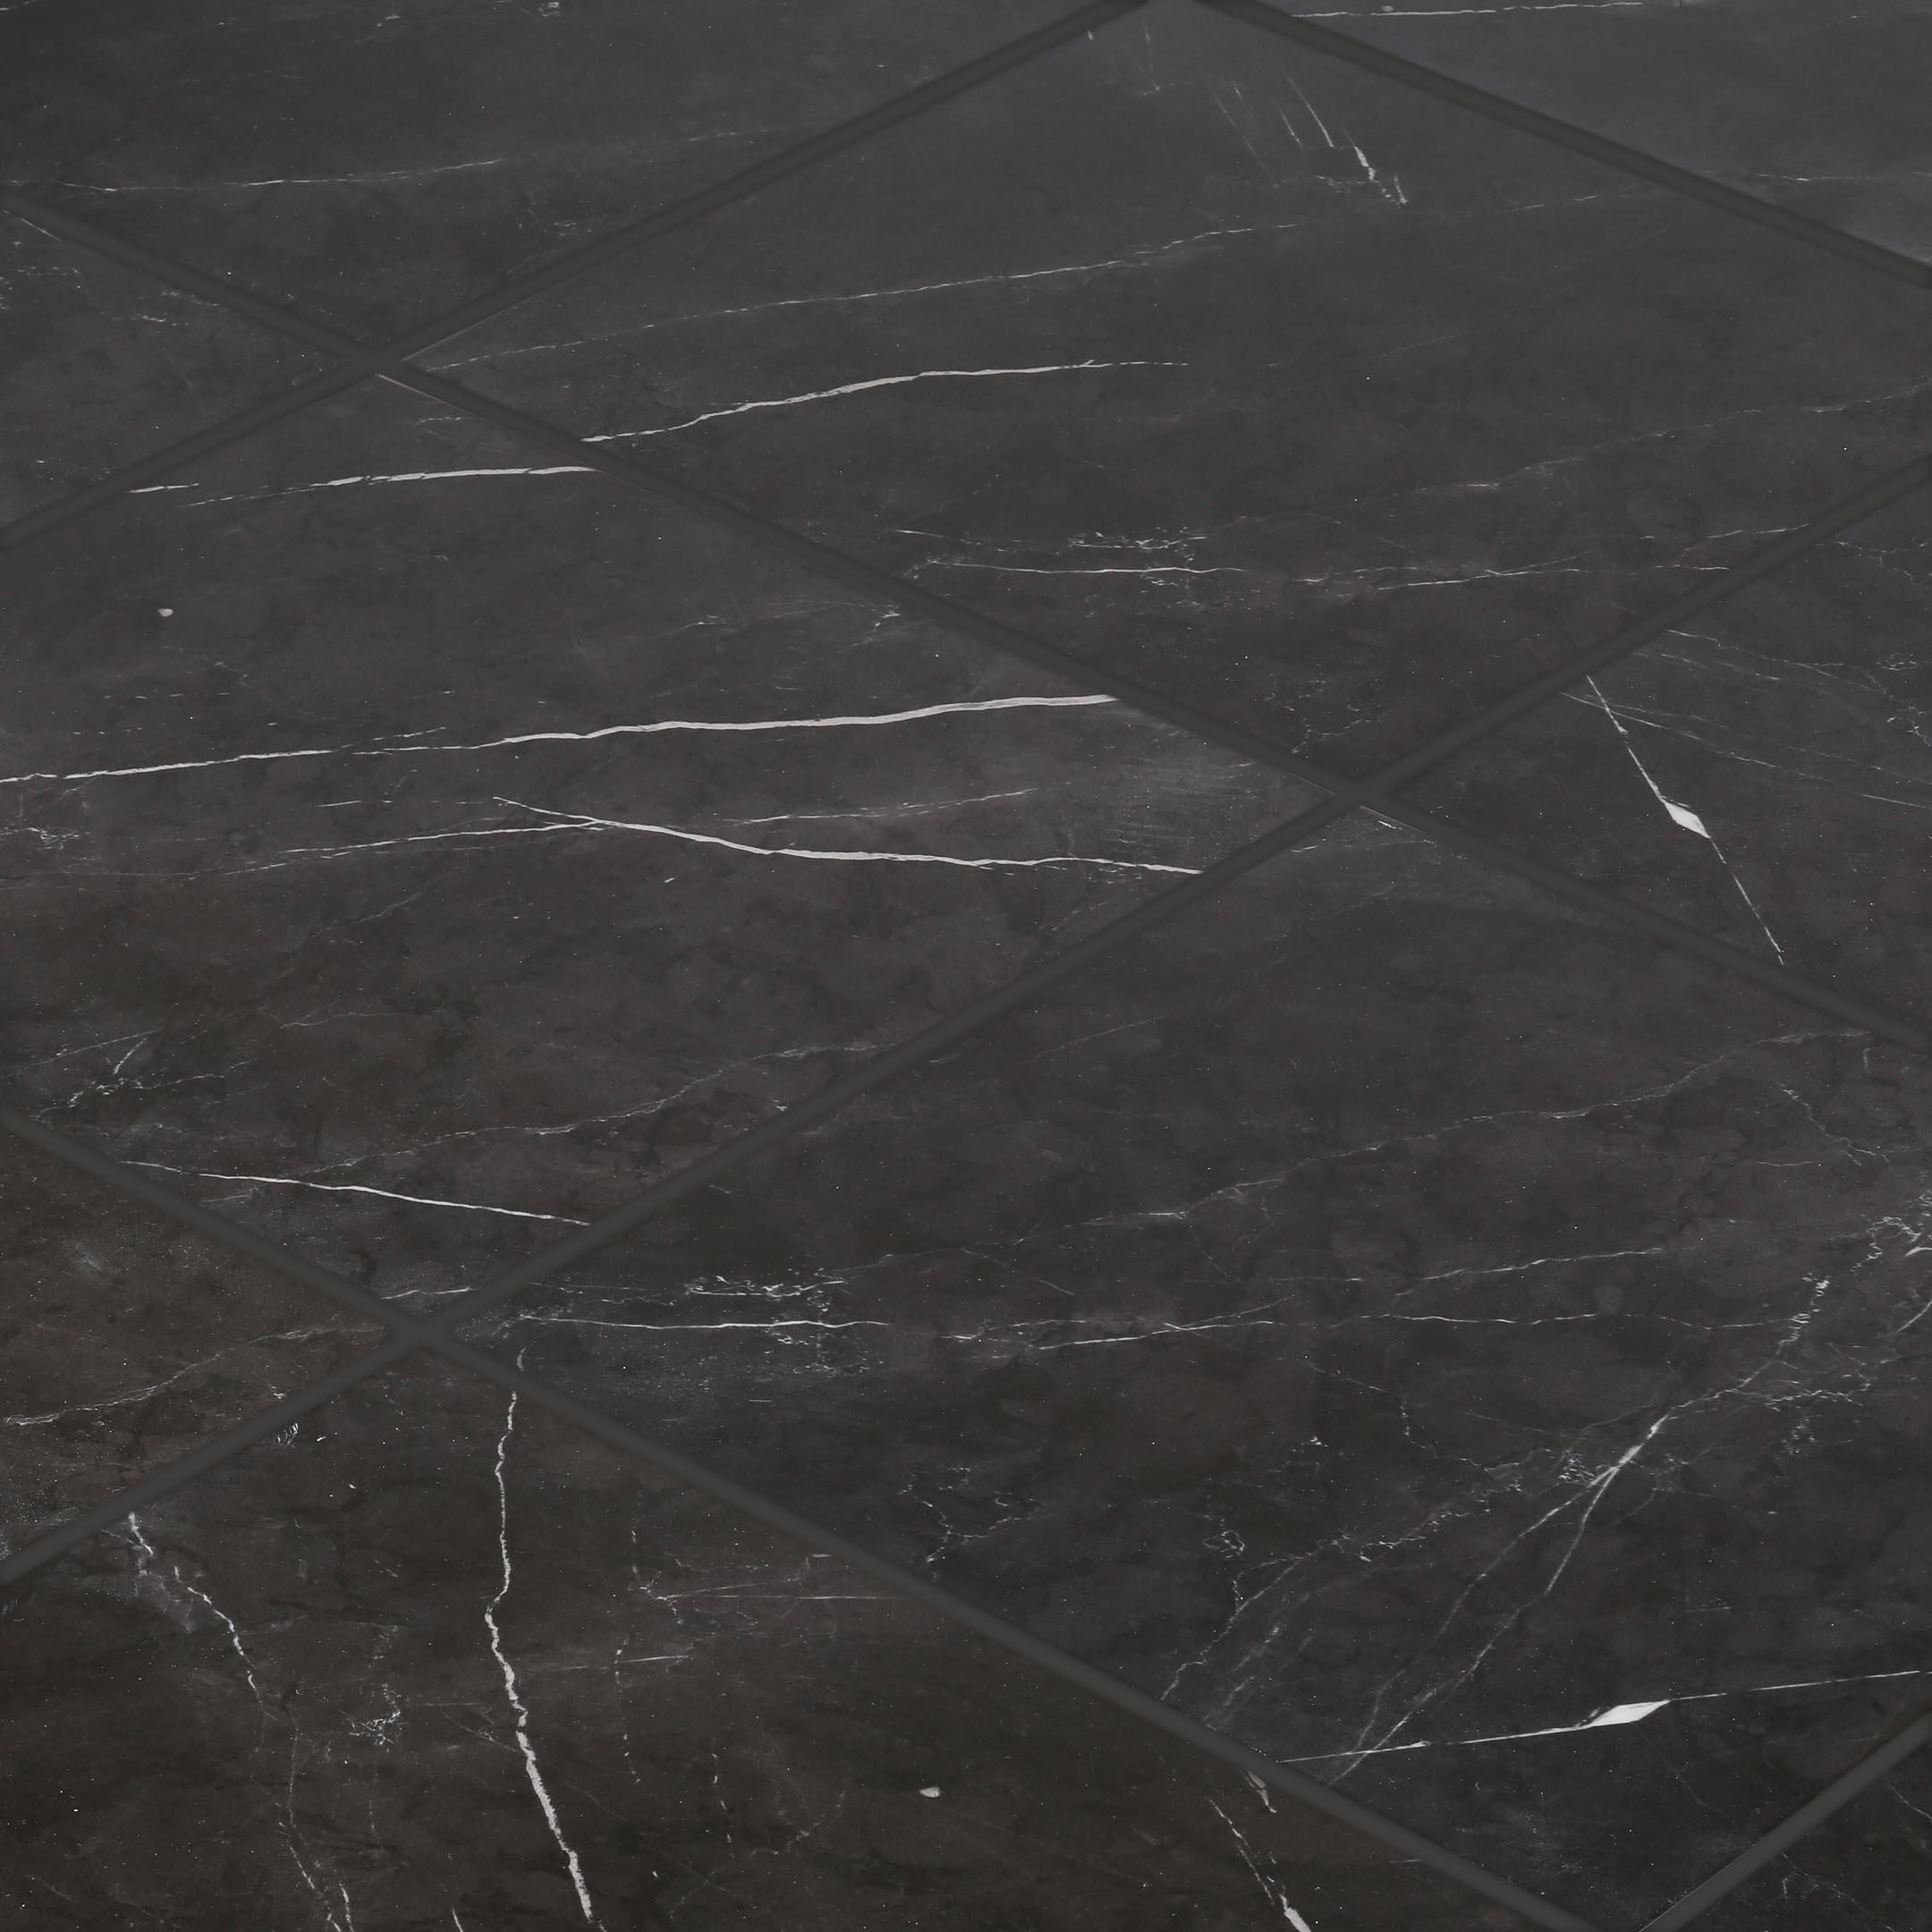 Керамогранит Grasaro Atrium черный 400х400х8 мм (10 шт.=1,6 кв.м) керамогранит grasaro atrium серый 400х400х8 мм 10 шт 1 6 кв м